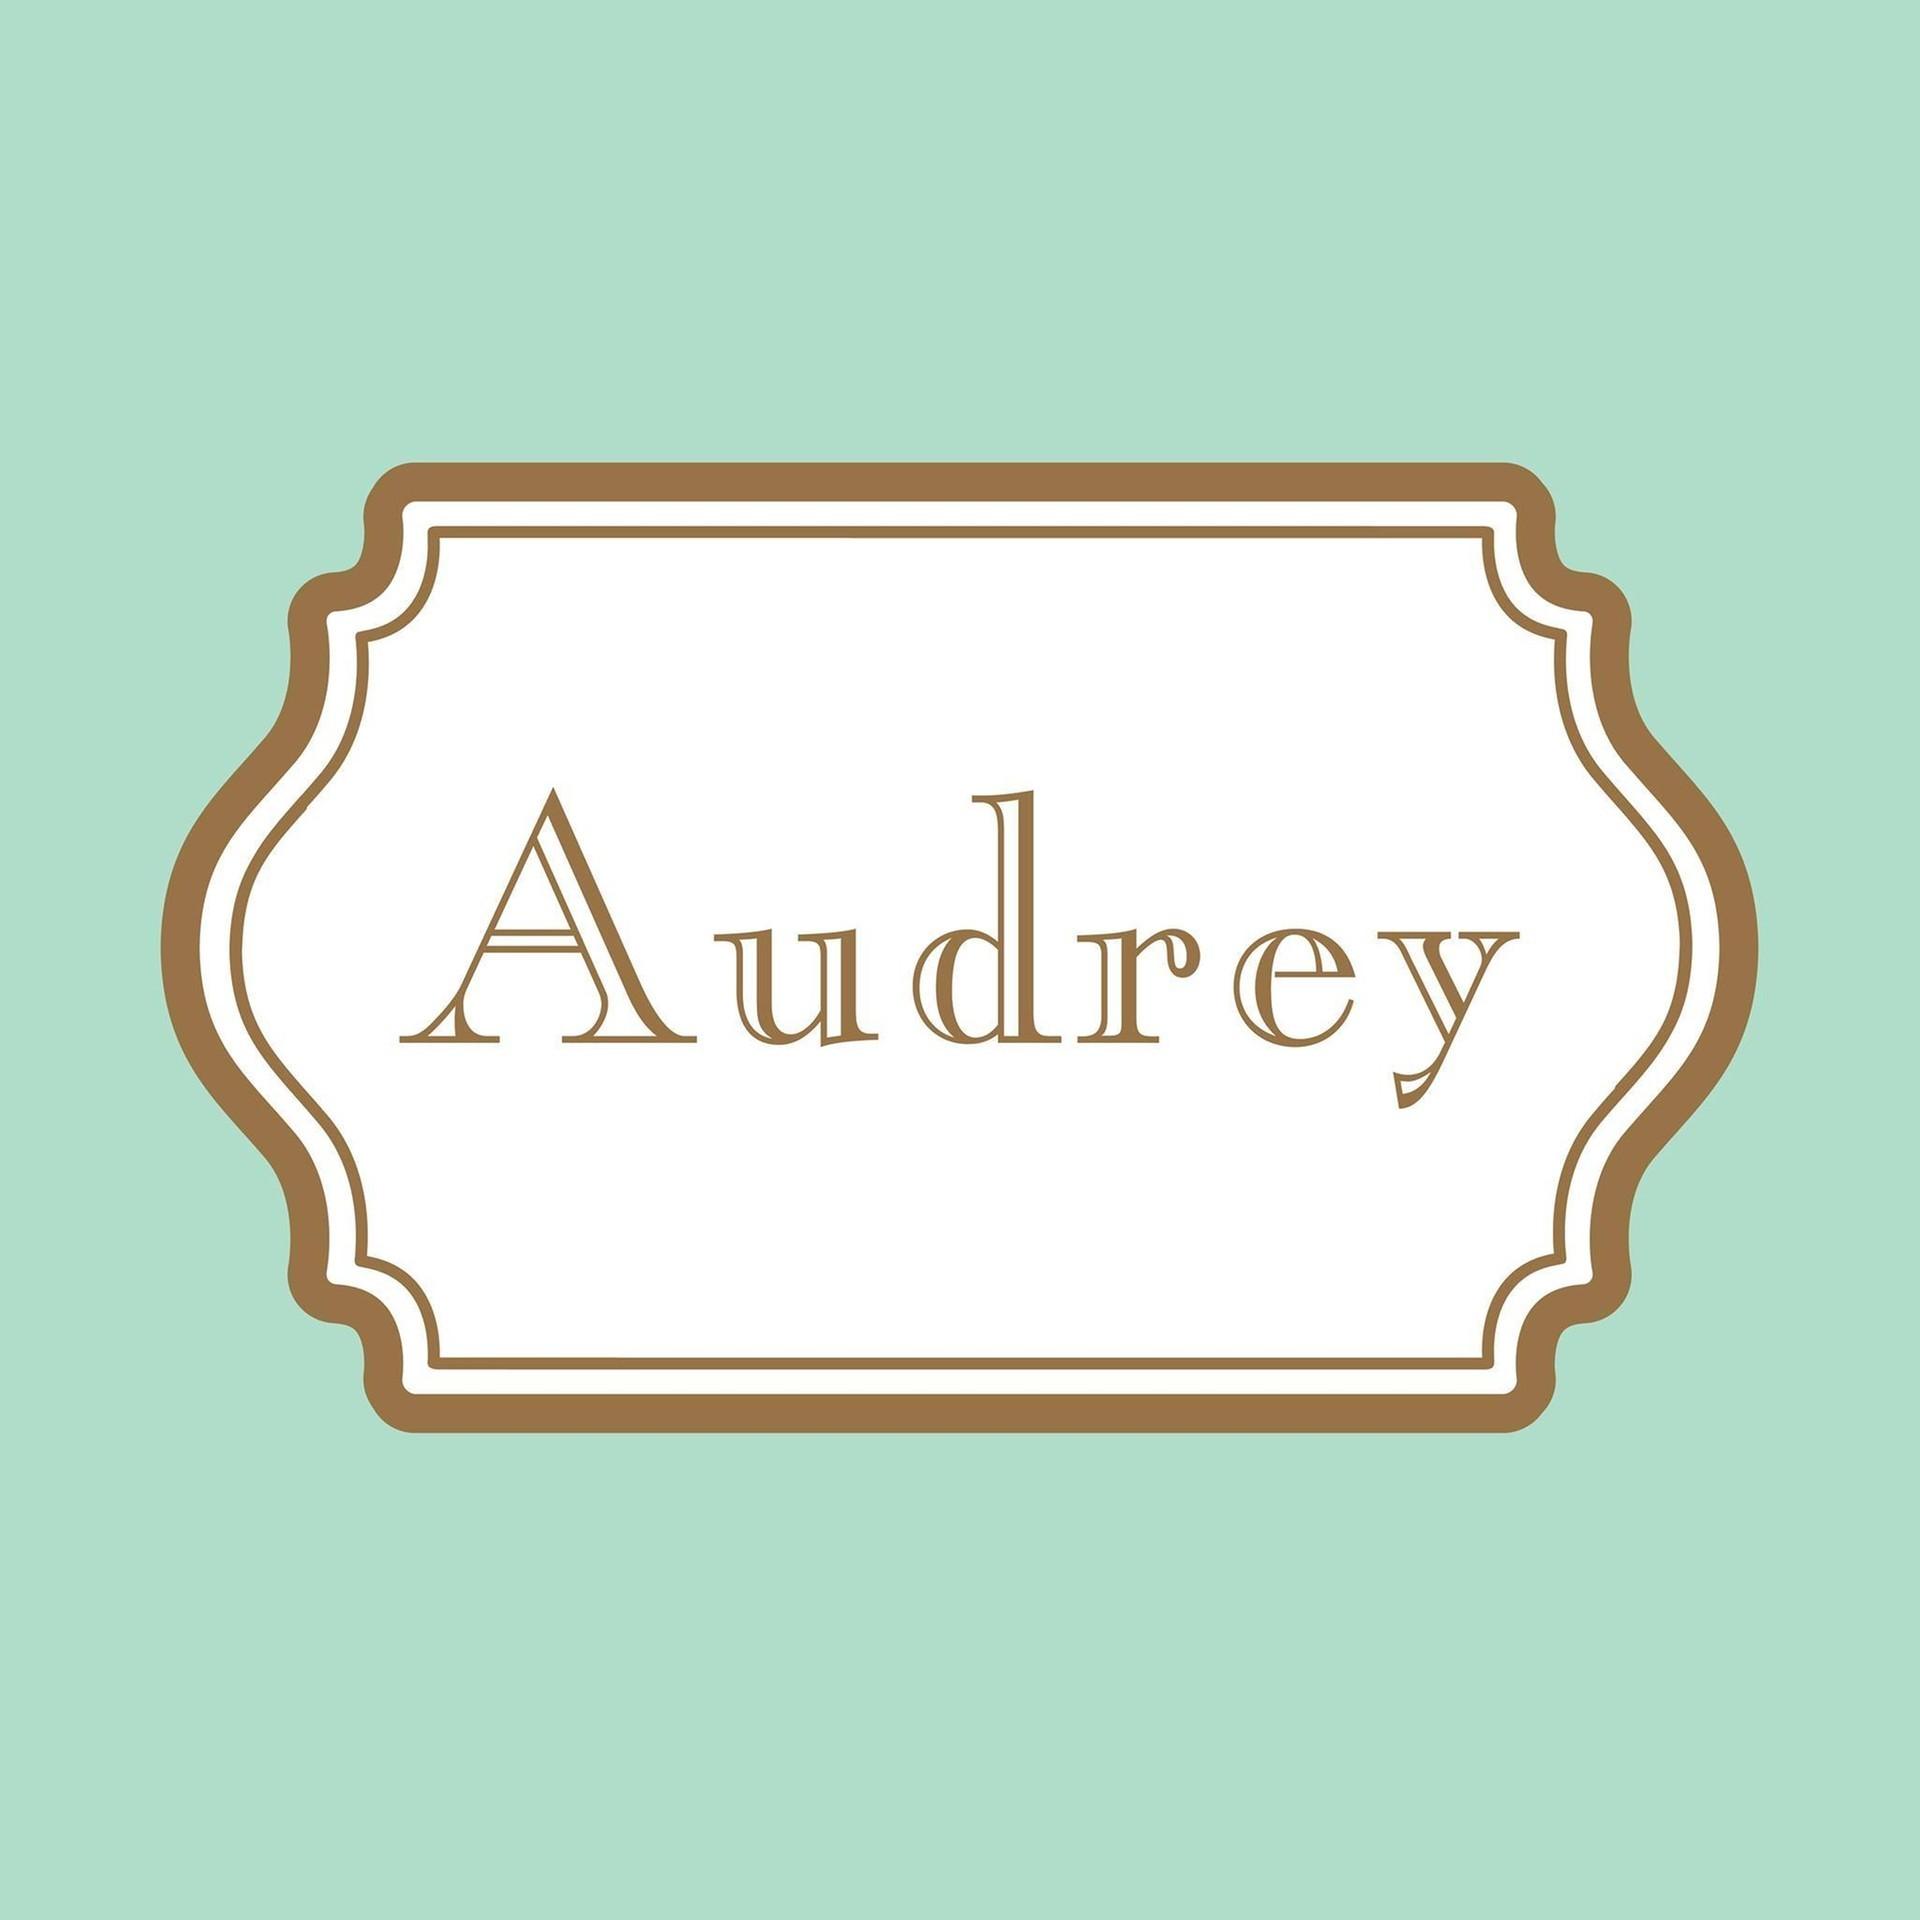 Audrey Cafe & Bistro (ออเดรย์ คาเฟ่ แอนด์ บิสโตร)